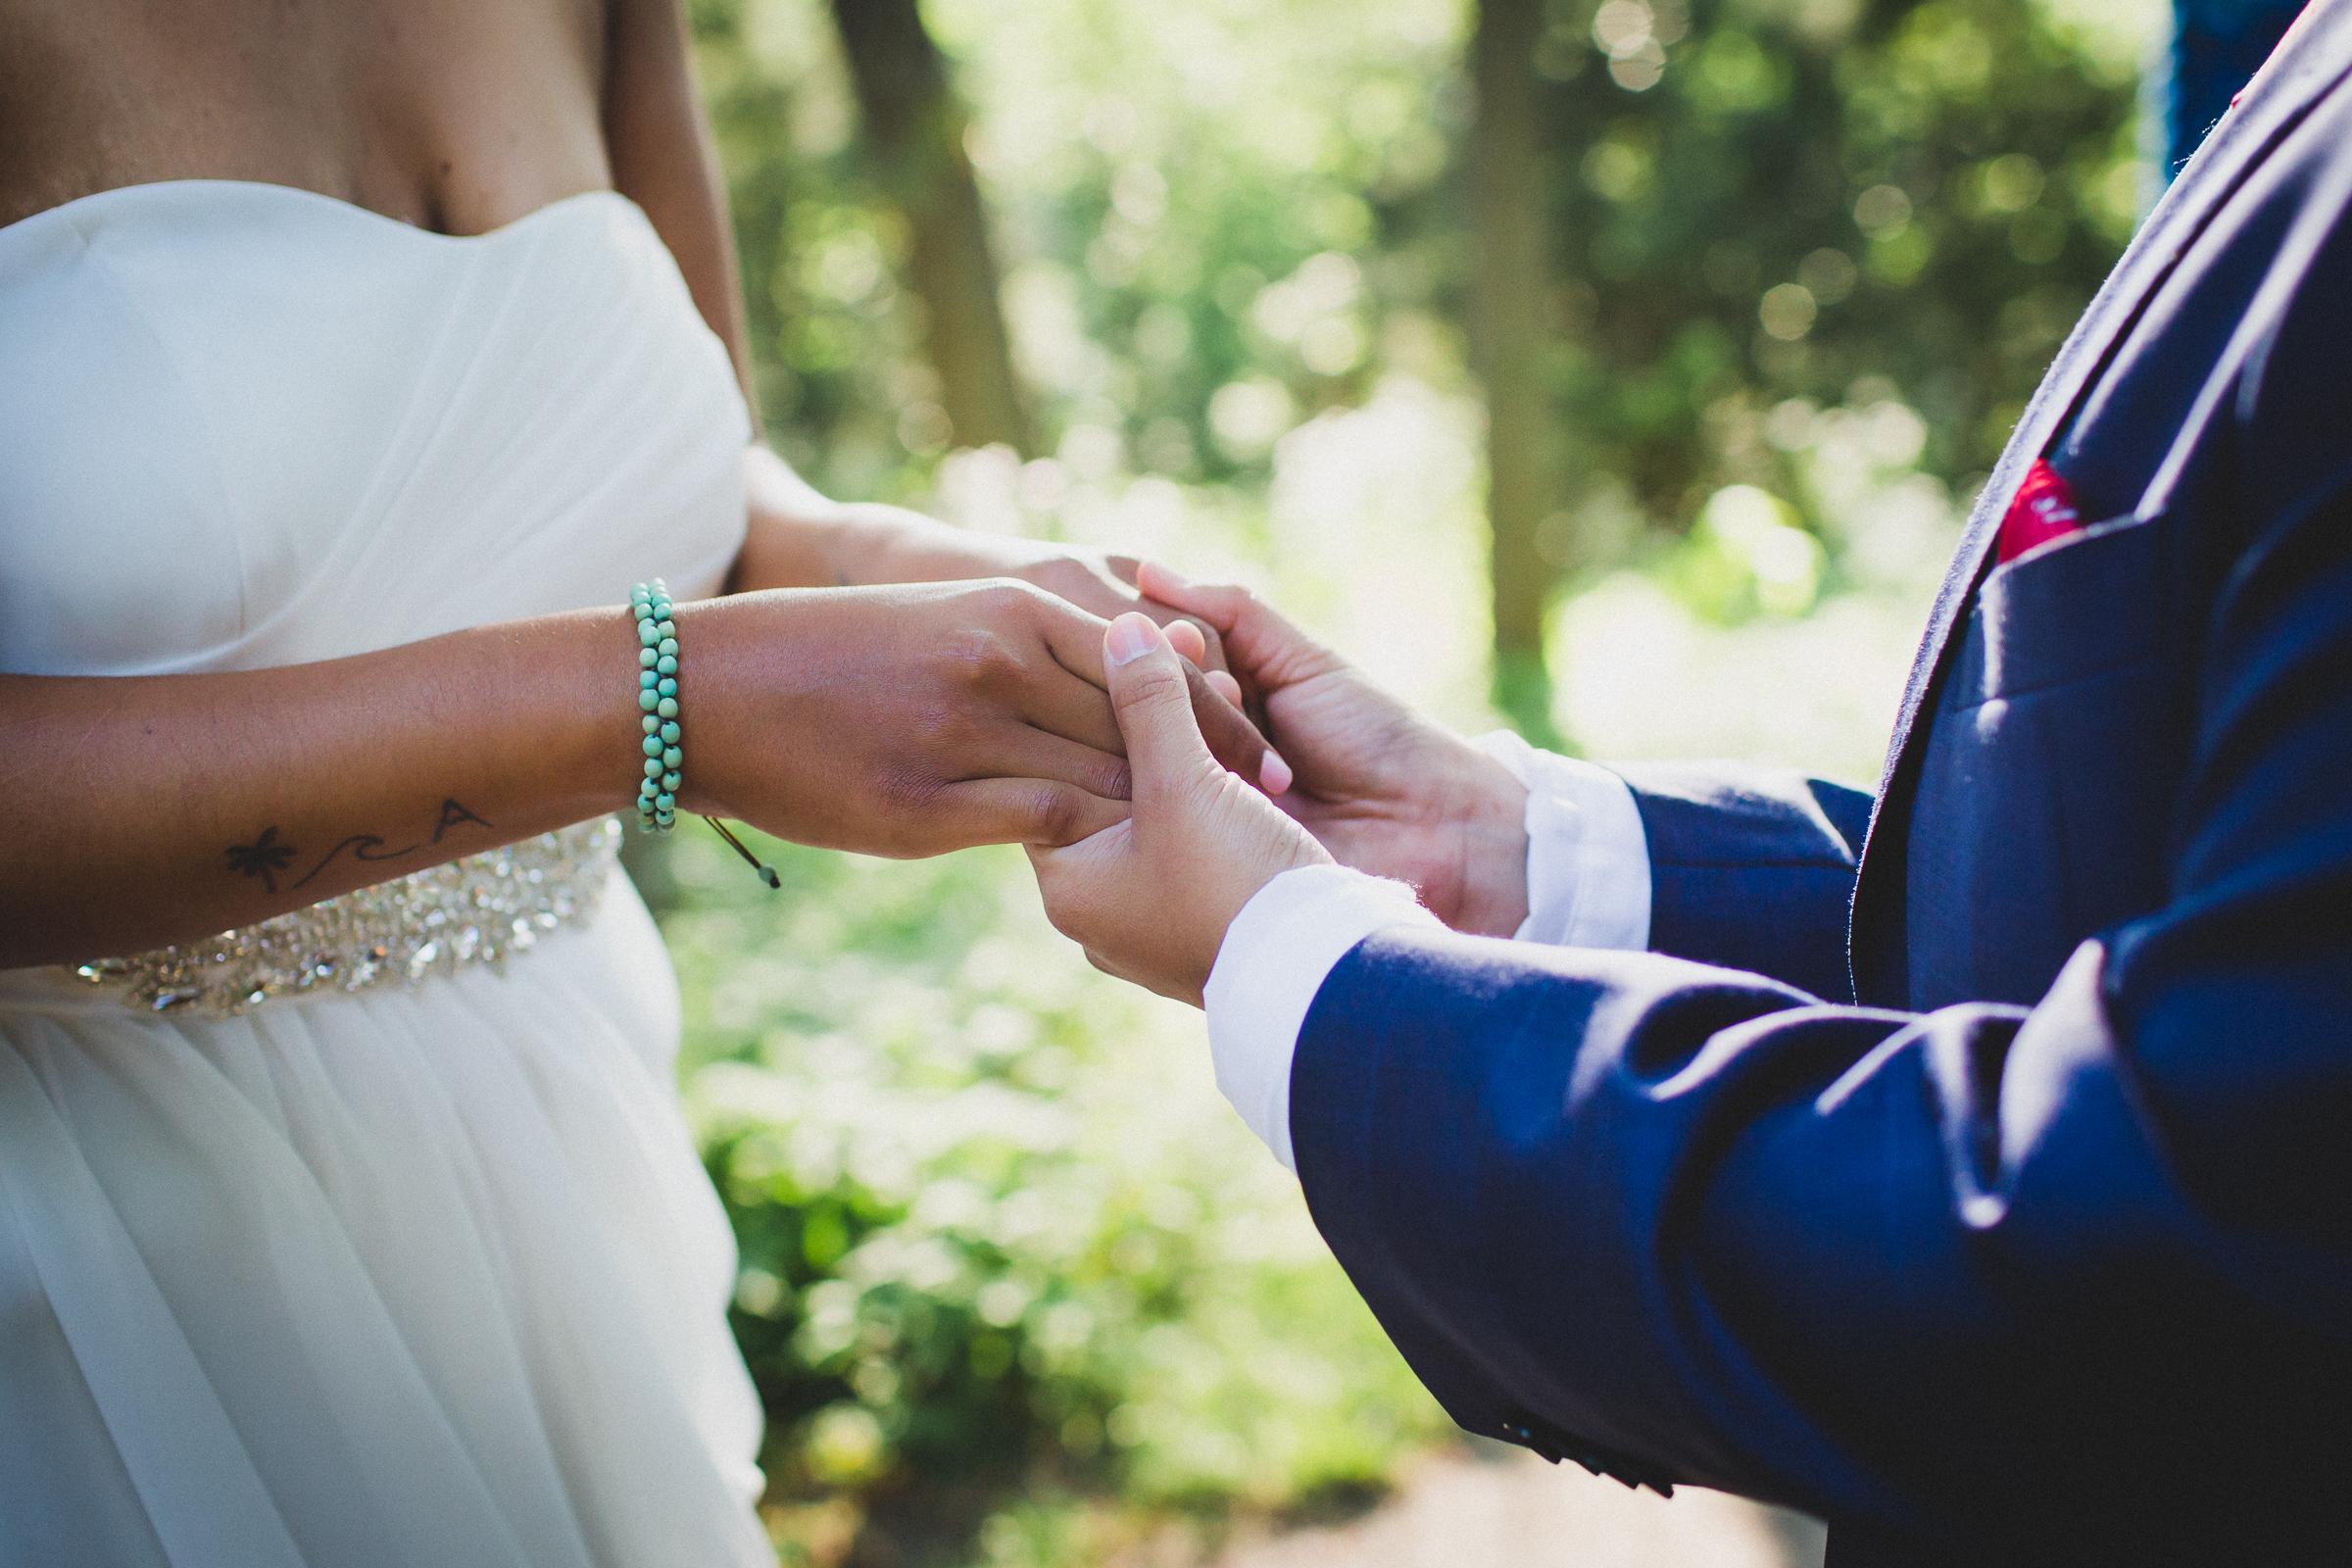 Long-Island-Documentary-Wedding-Photographer-Avalon-Park-Wedding-Photos-19.jpg